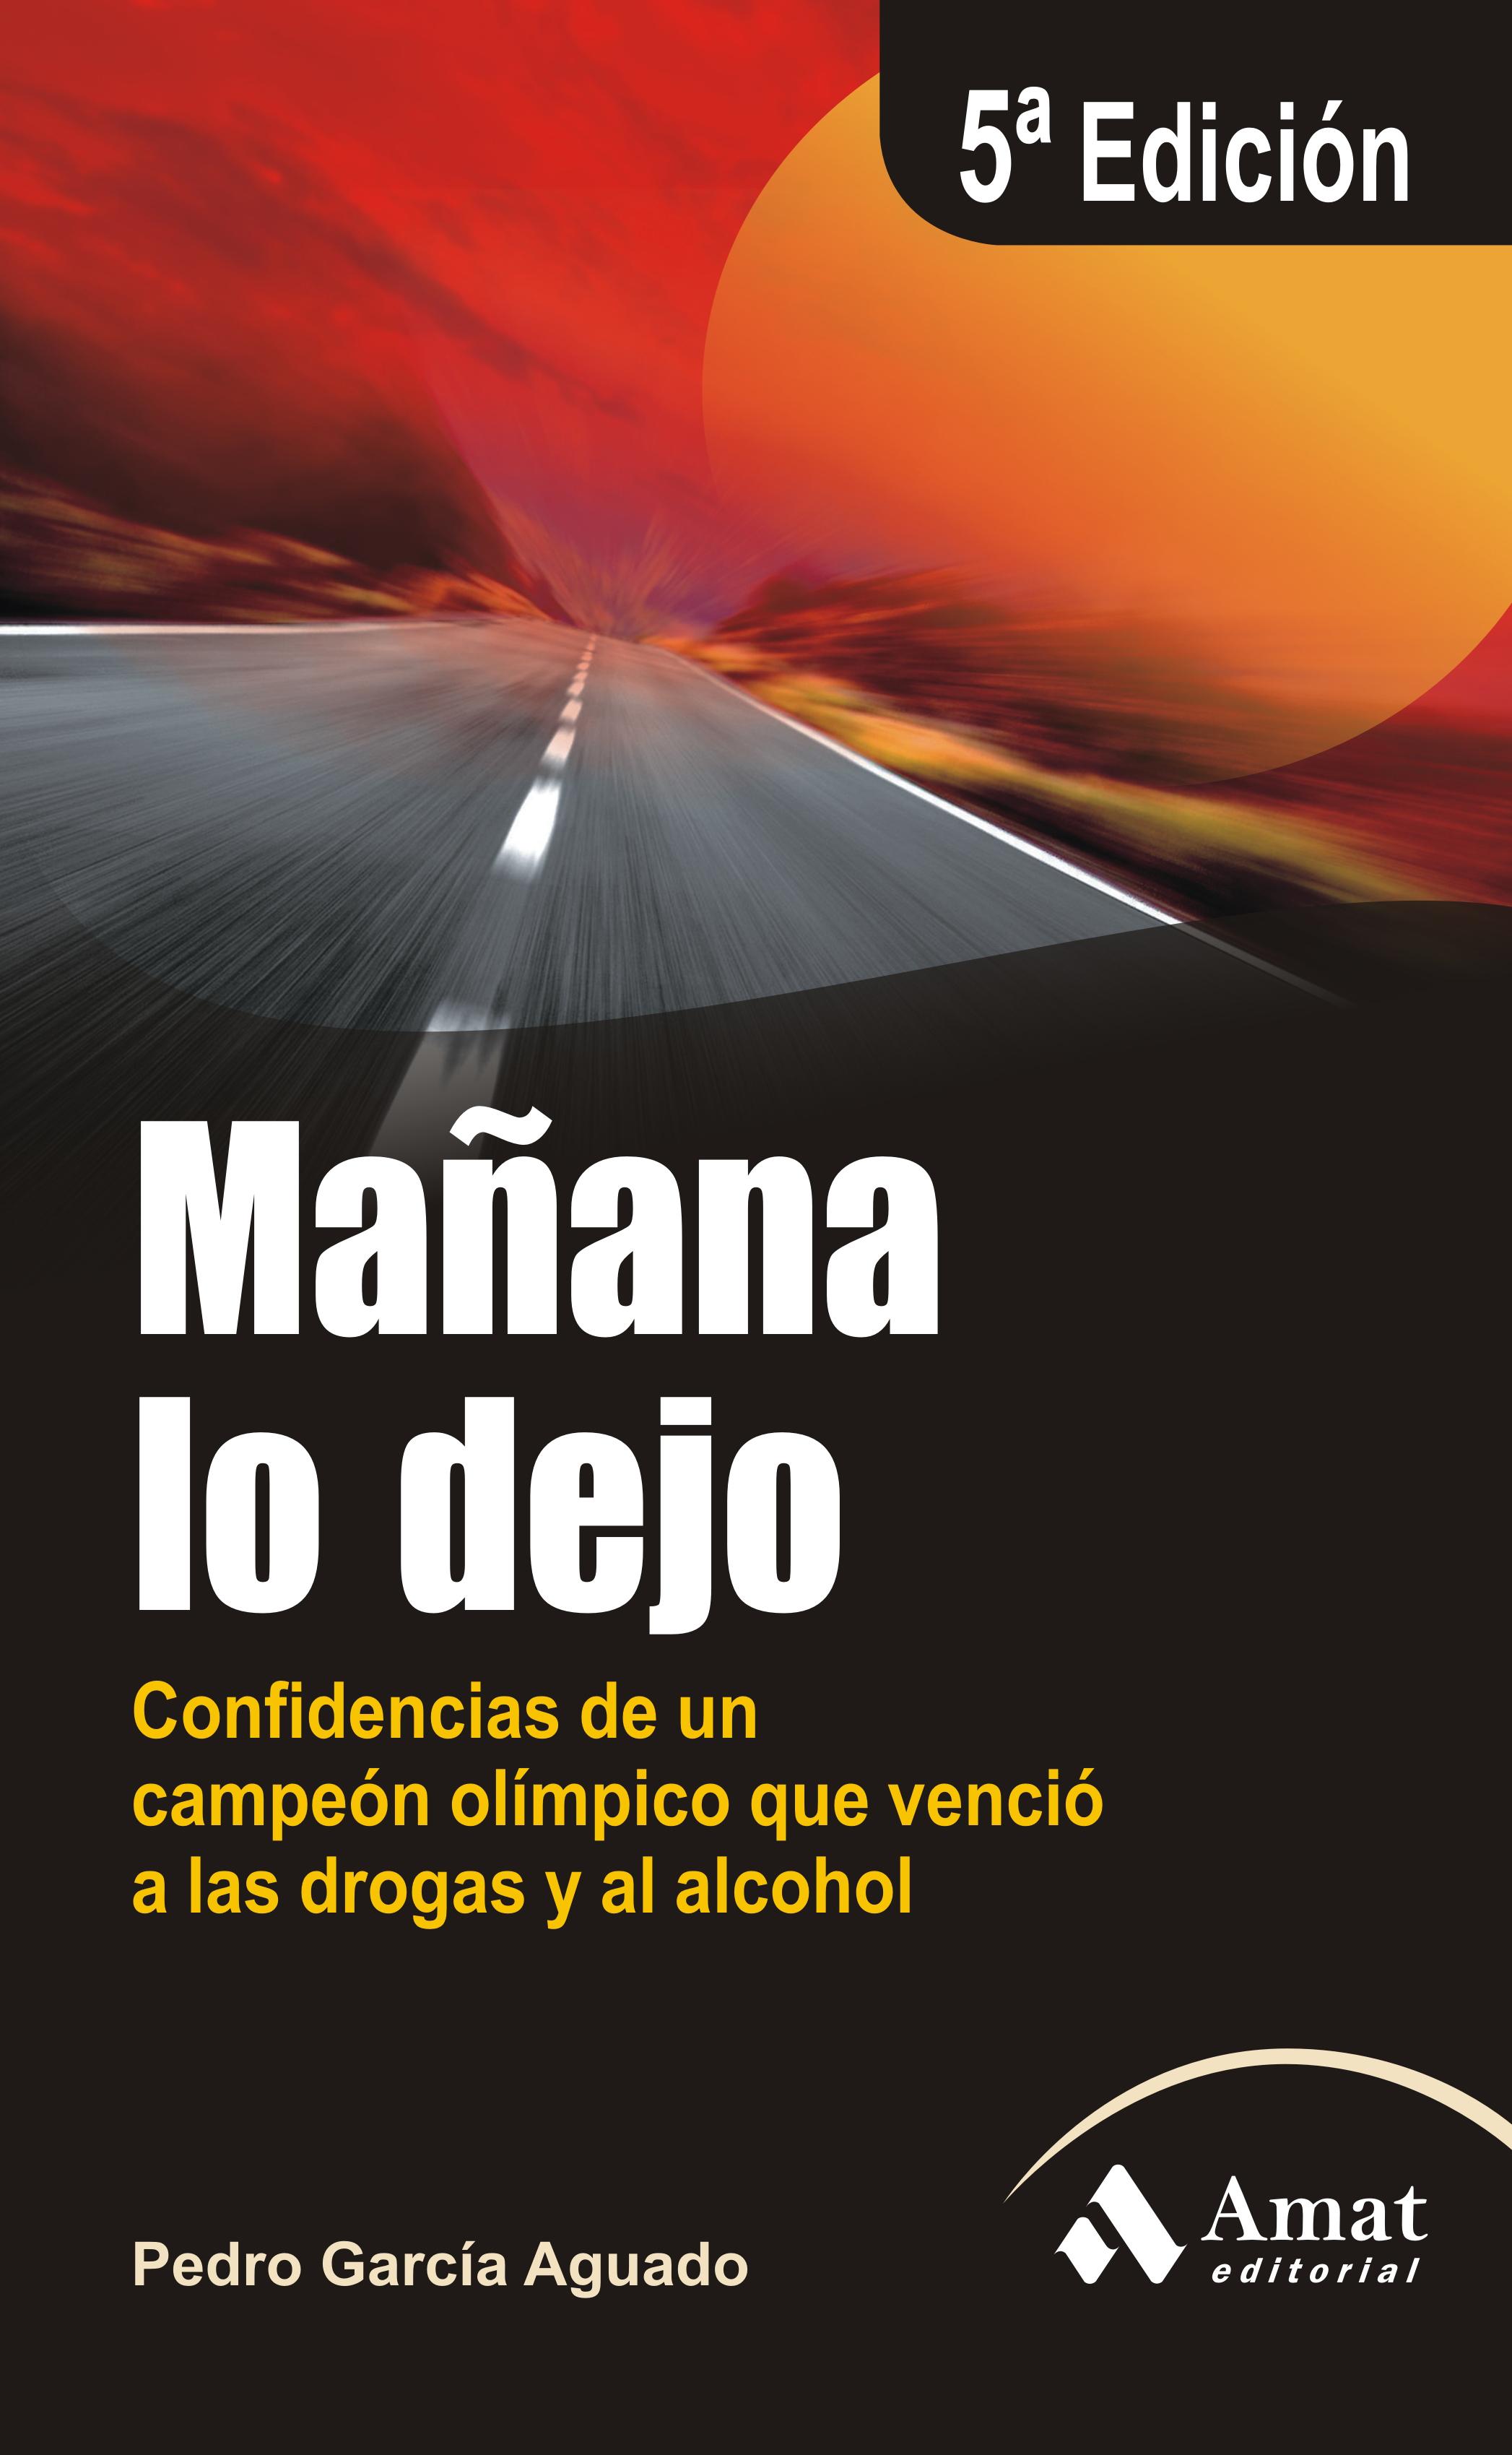 MAÑANA LO DEJO. CONFIDENCIAS DE UN CAMPEÓN OLÍMPICO QUE VENCIÓ A LAS DROGAS Y AL ALCOHOL